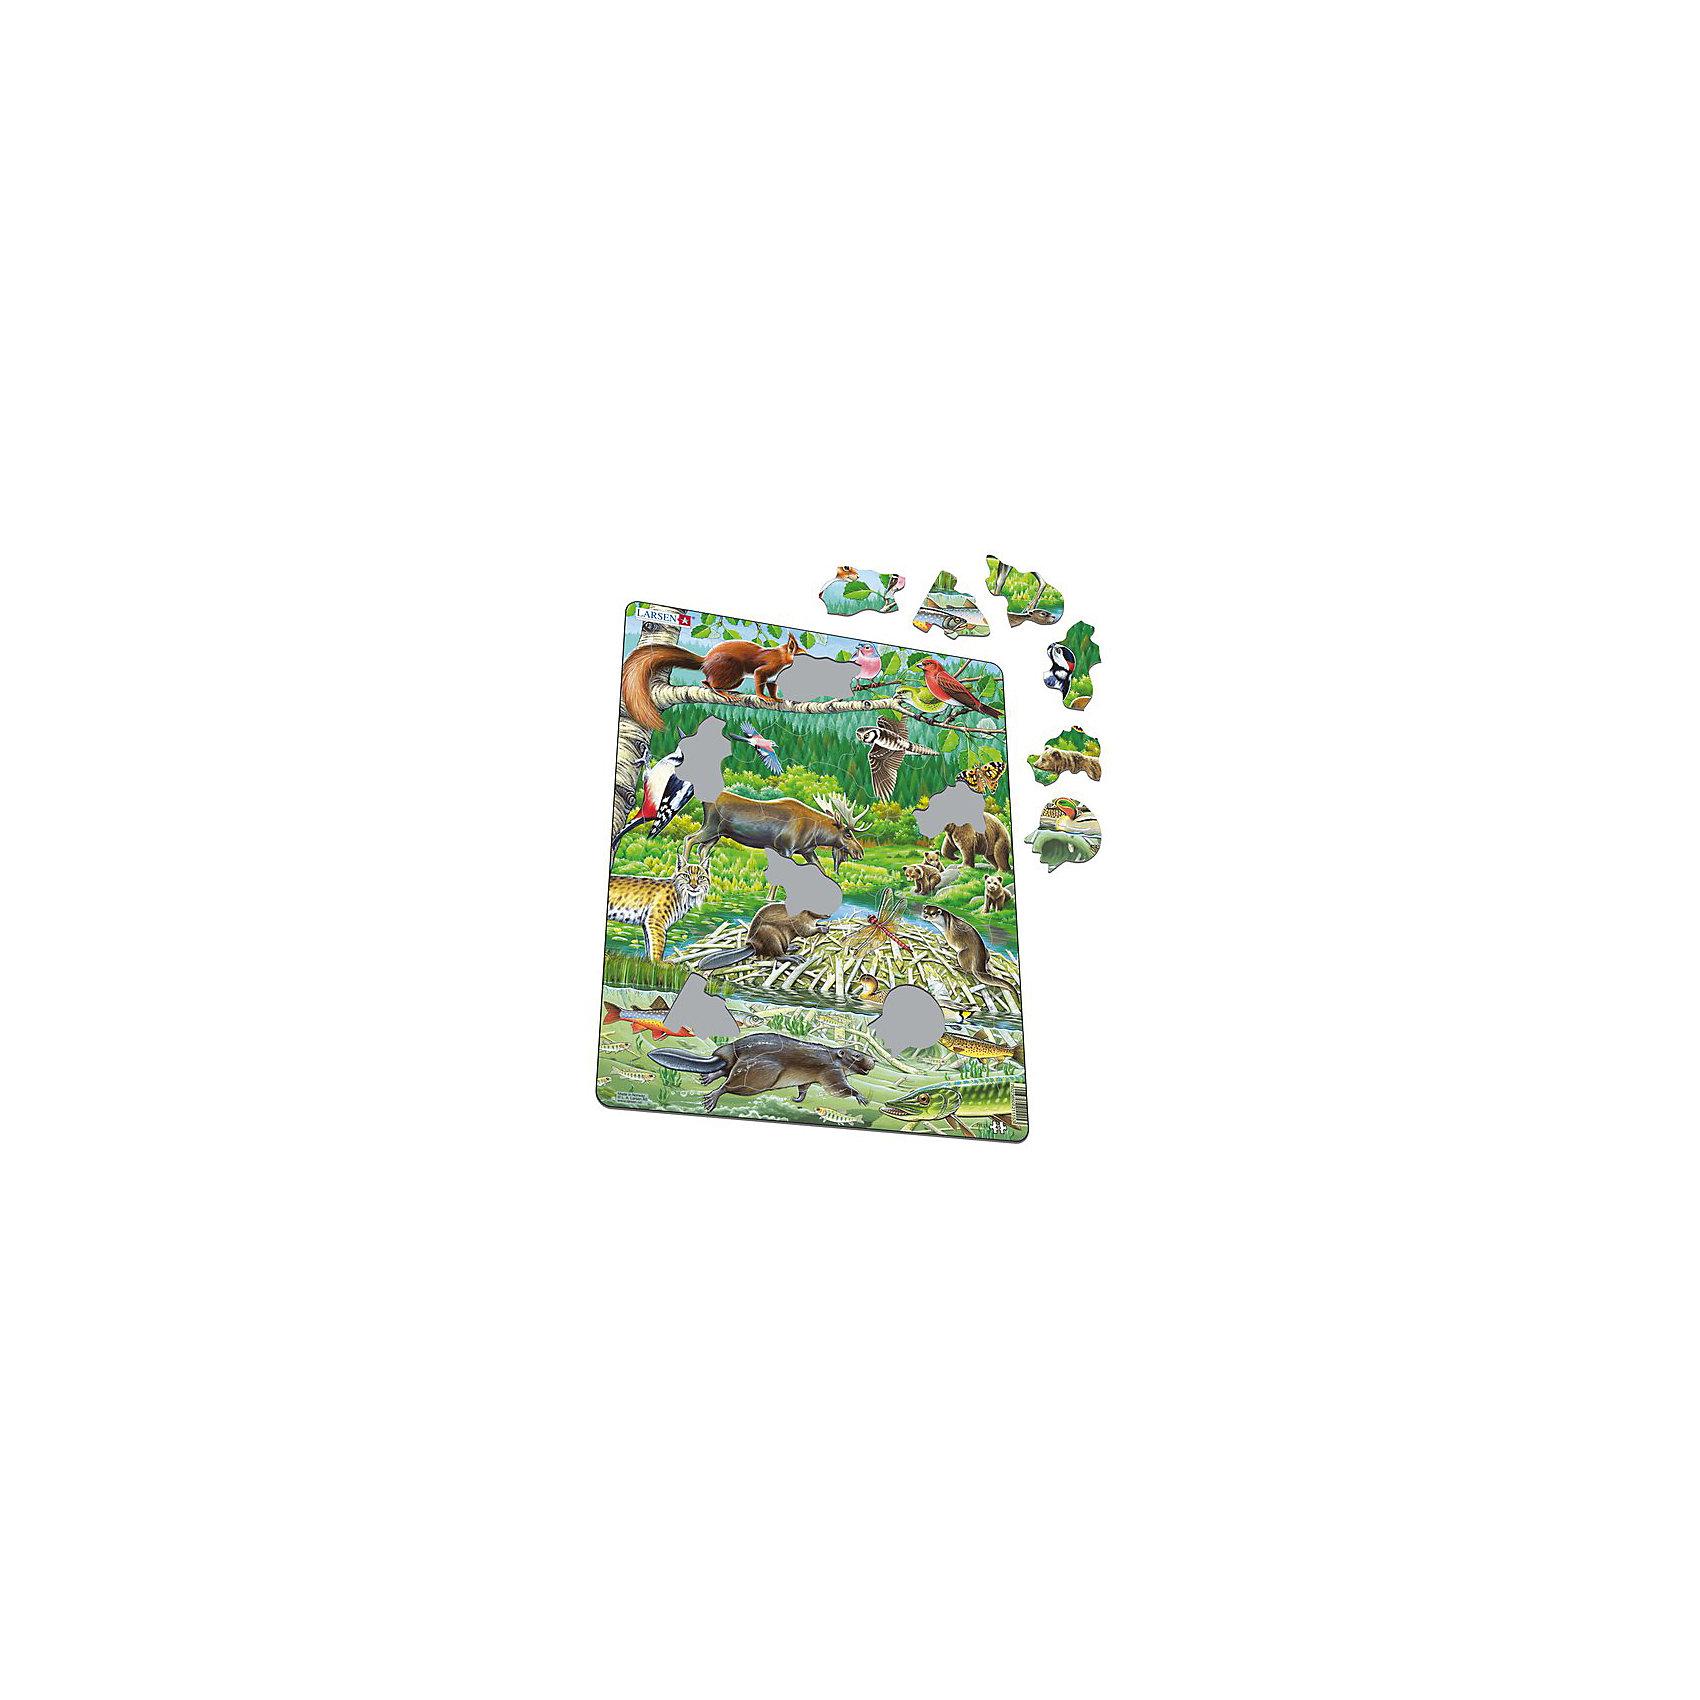 Пазл Северный лес, 45 деталей, LarsenПазлы для малышей<br>Яркая серия Флора и Фауна норвежской фирмы Ларсен представляет пазл, на котором представлены лесные жители. С фотографической точностью прорисованы обитатели и растительный мир самых отдаленных уголков планеты. Благодаря яркому развивающему набору у детей формируется образное и логическое мышление, развивается внимание, память. Детали пазла выполнены из трехслойного картона, не деформируются и удобны для маленьких детских ручек. В наборе: 45 элементов пазла<br><br>Ширина мм: 365<br>Глубина мм: 5<br>Высота мм: 285<br>Вес г: 320<br>Возраст от месяцев: 36<br>Возраст до месяцев: 1188<br>Пол: Унисекс<br>Возраст: Детский<br>SKU: 4761476